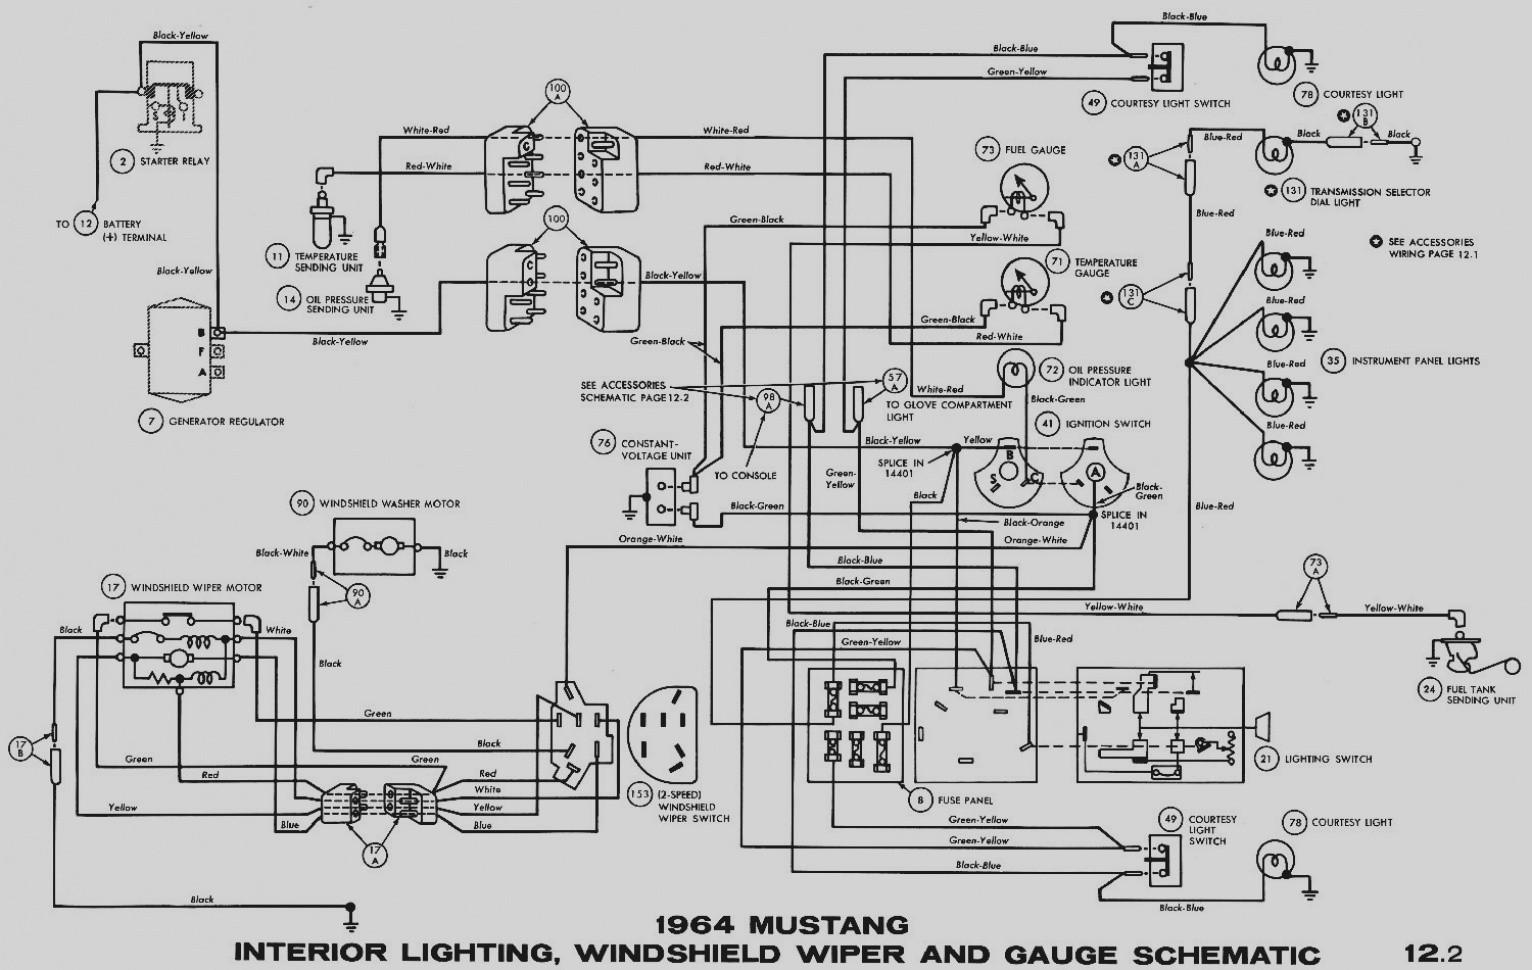 72 Torino Wiring Diagram